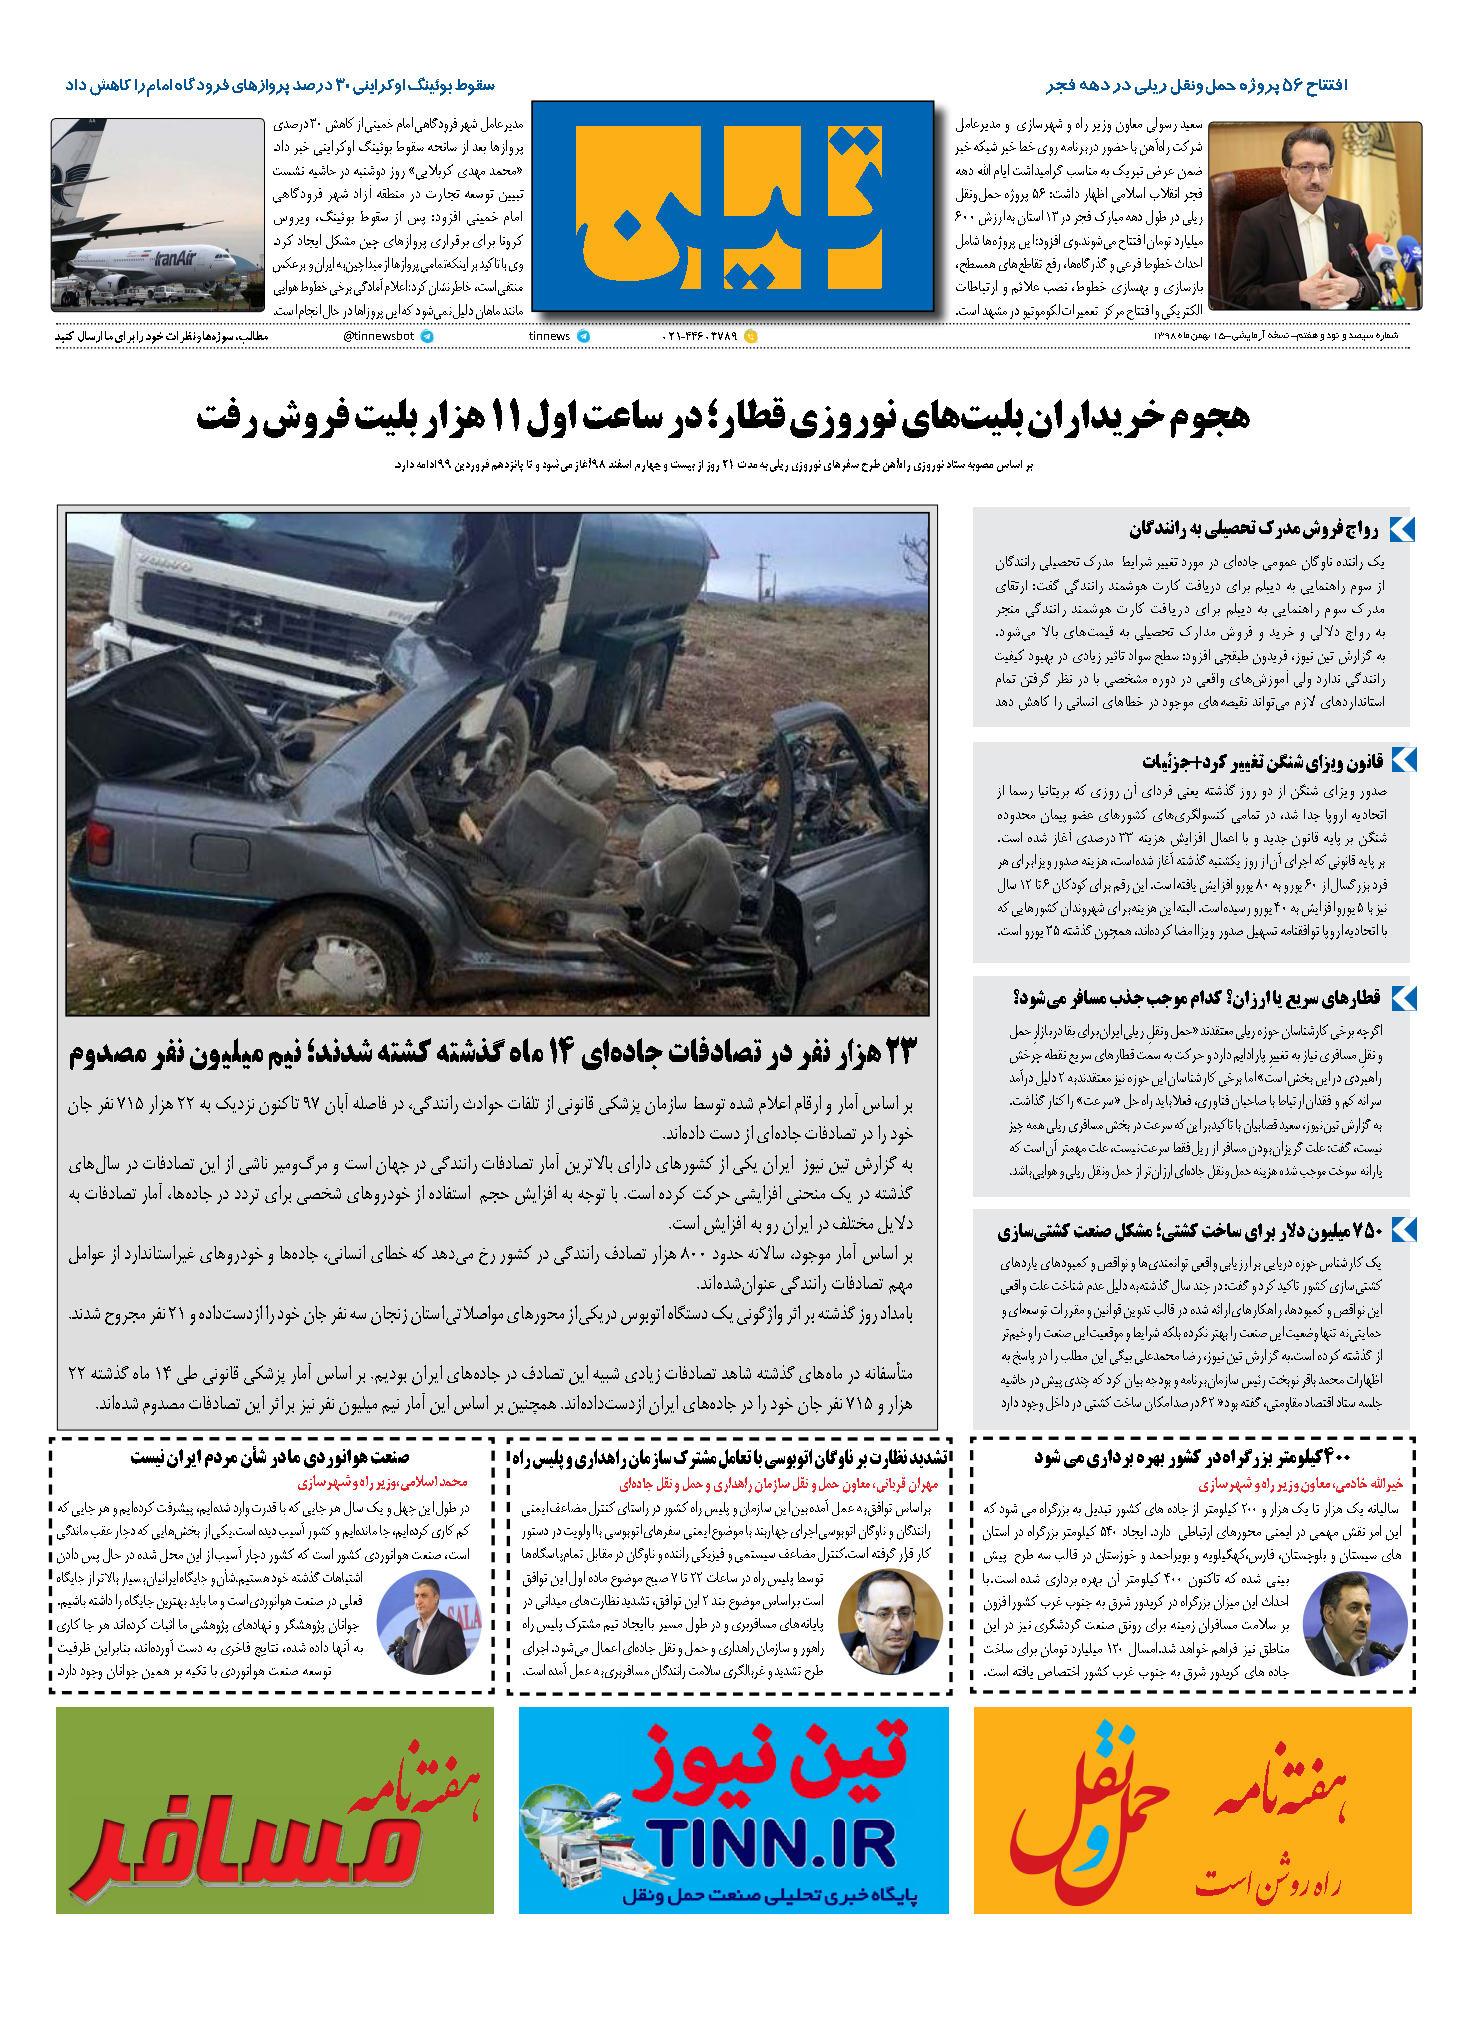 روزنامه الکترونیک 15 بهمن ماه 98